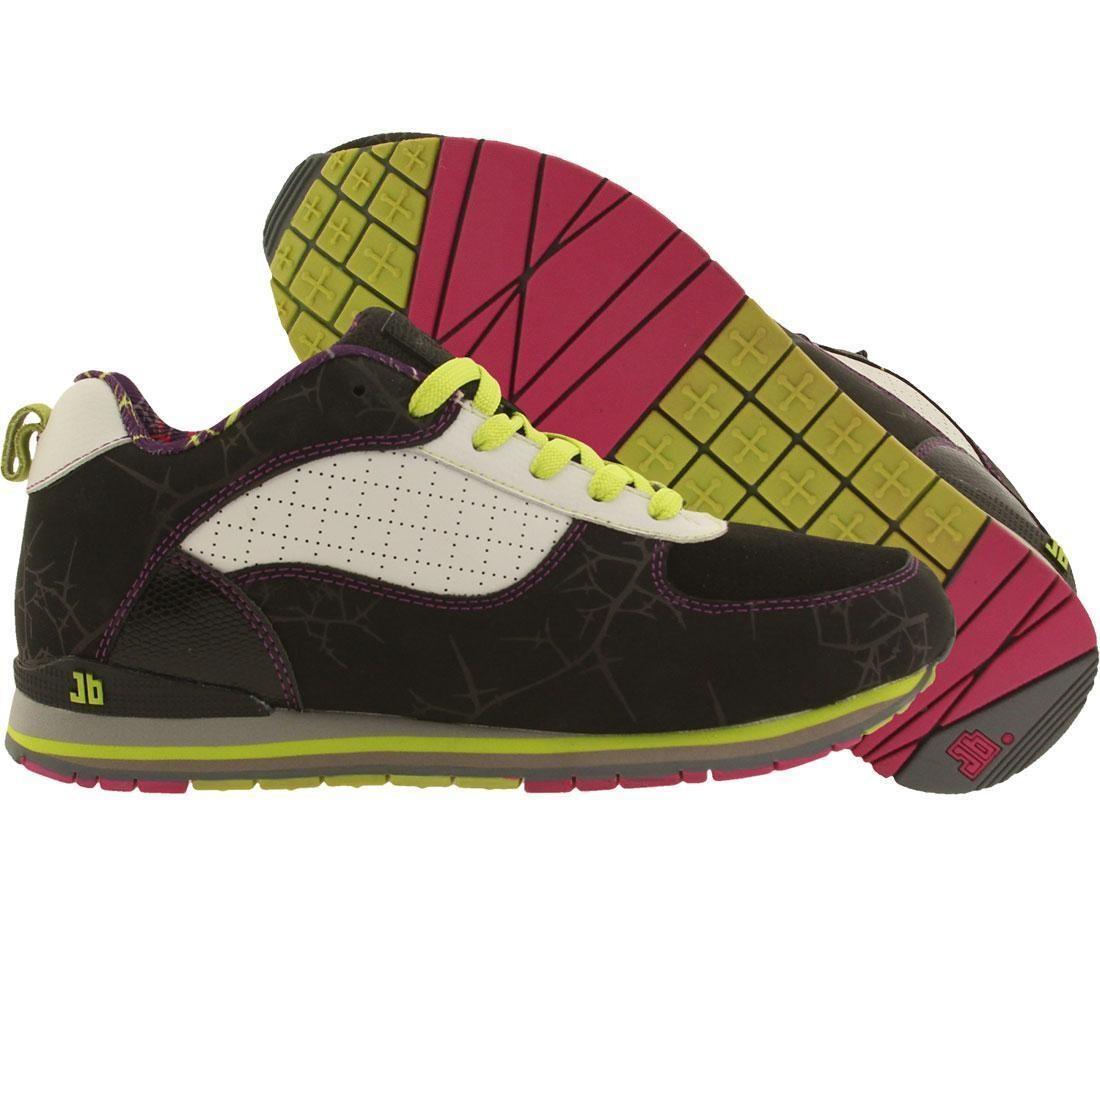 【海外限定】黒 ブラック 白 ホワイト メンズ靴 スニーカー 【 BLACK WHITE JB CLASSICS SUB40 THORNS FOSSILS MAGENTA 】